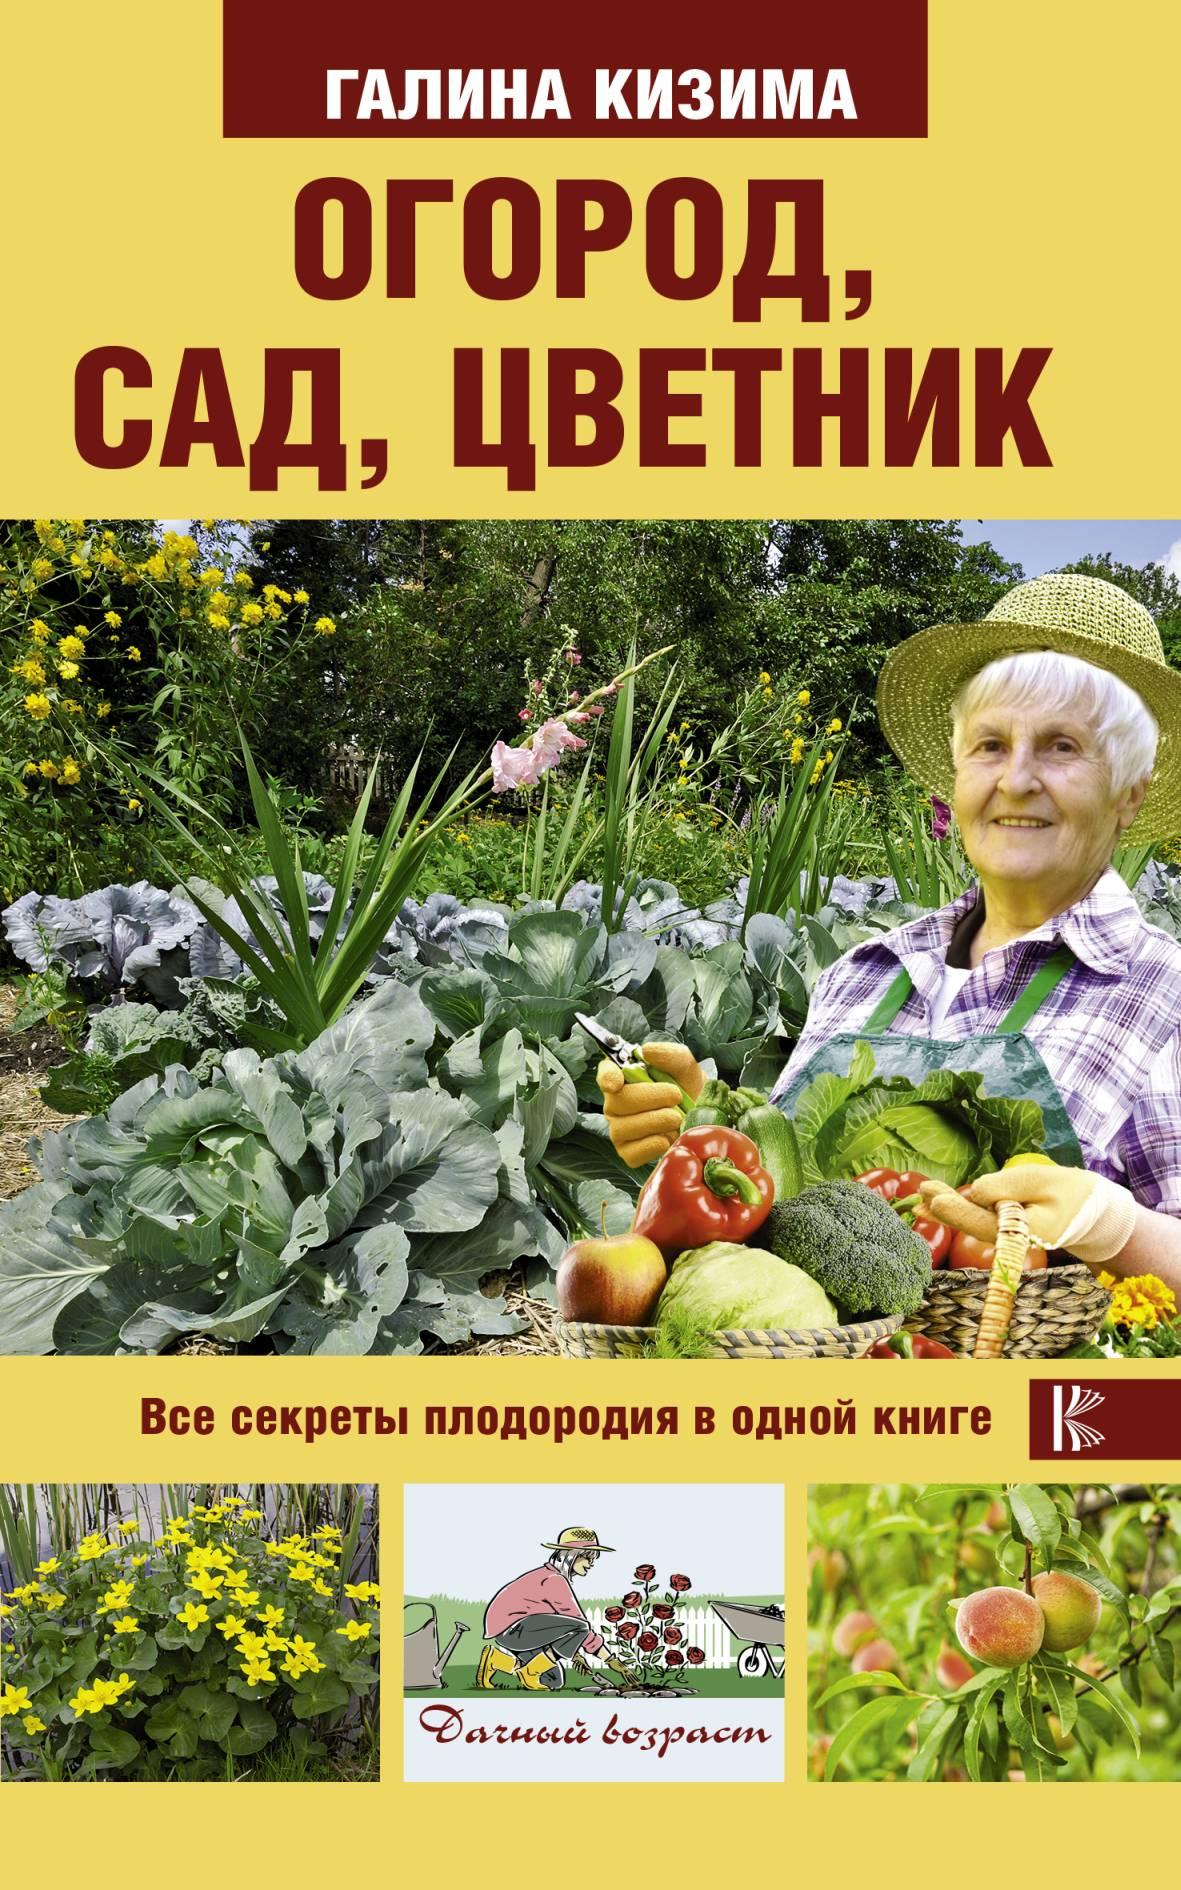 купить Галина Кизима Огород, сад, цветник. Все секреты плодородия в одной книге по цене 89.9 рублей